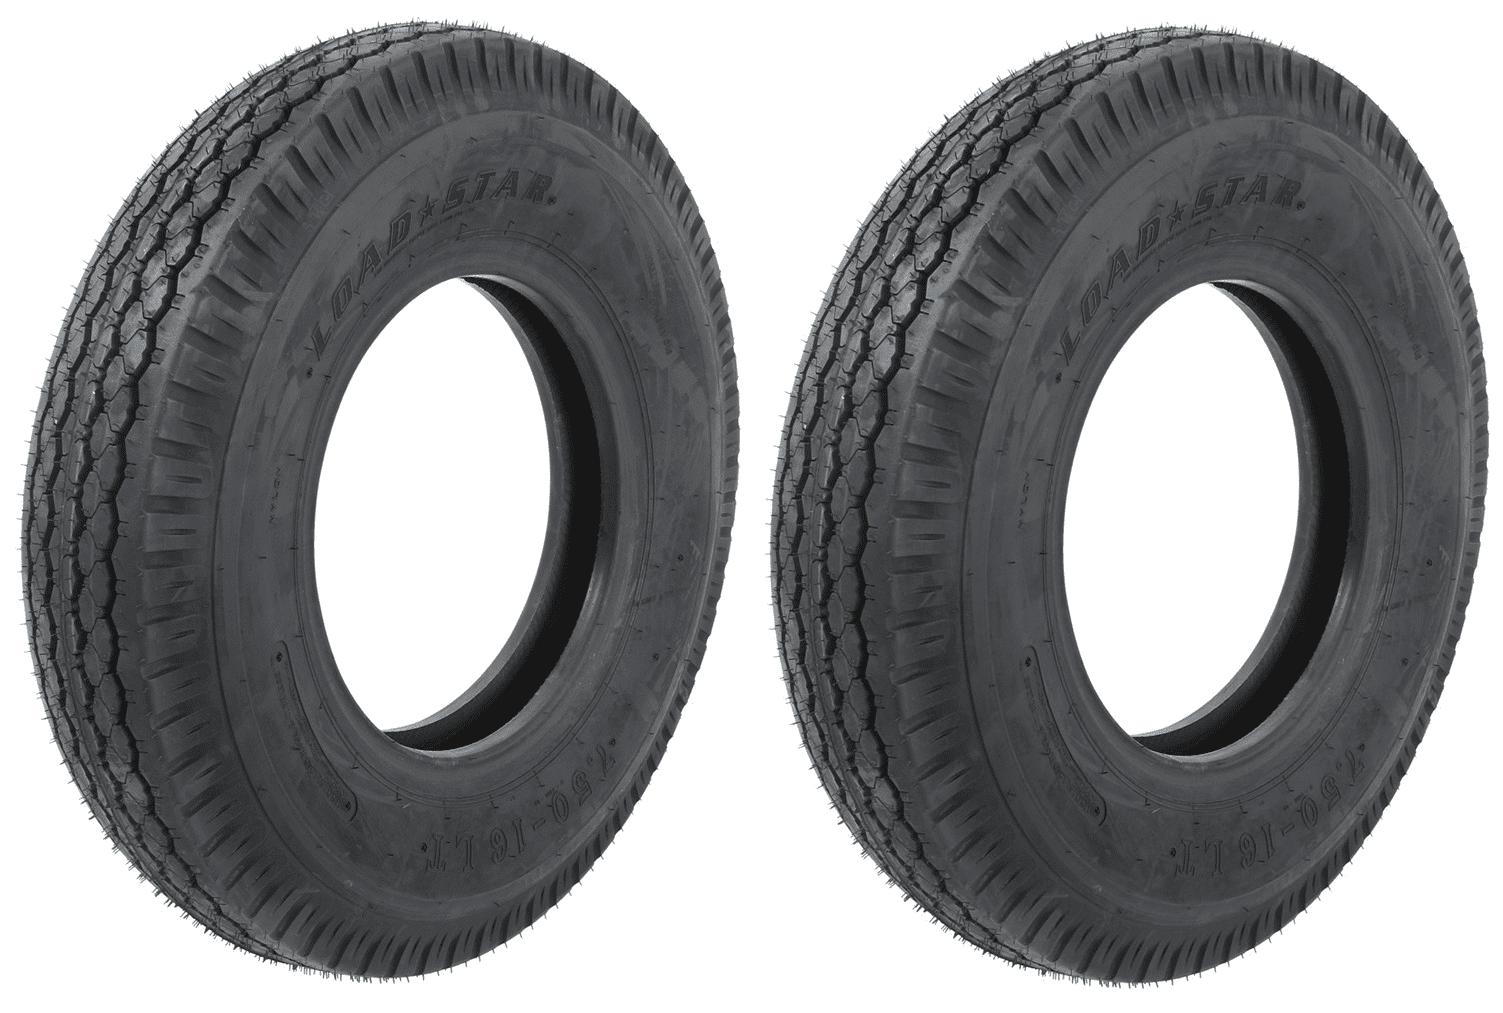 """2-Pack Light Truck Tire 7.50-16LT 7.50-16 LT Loadstar E For 16"""" x 6"""" Rim by eCustomrim"""